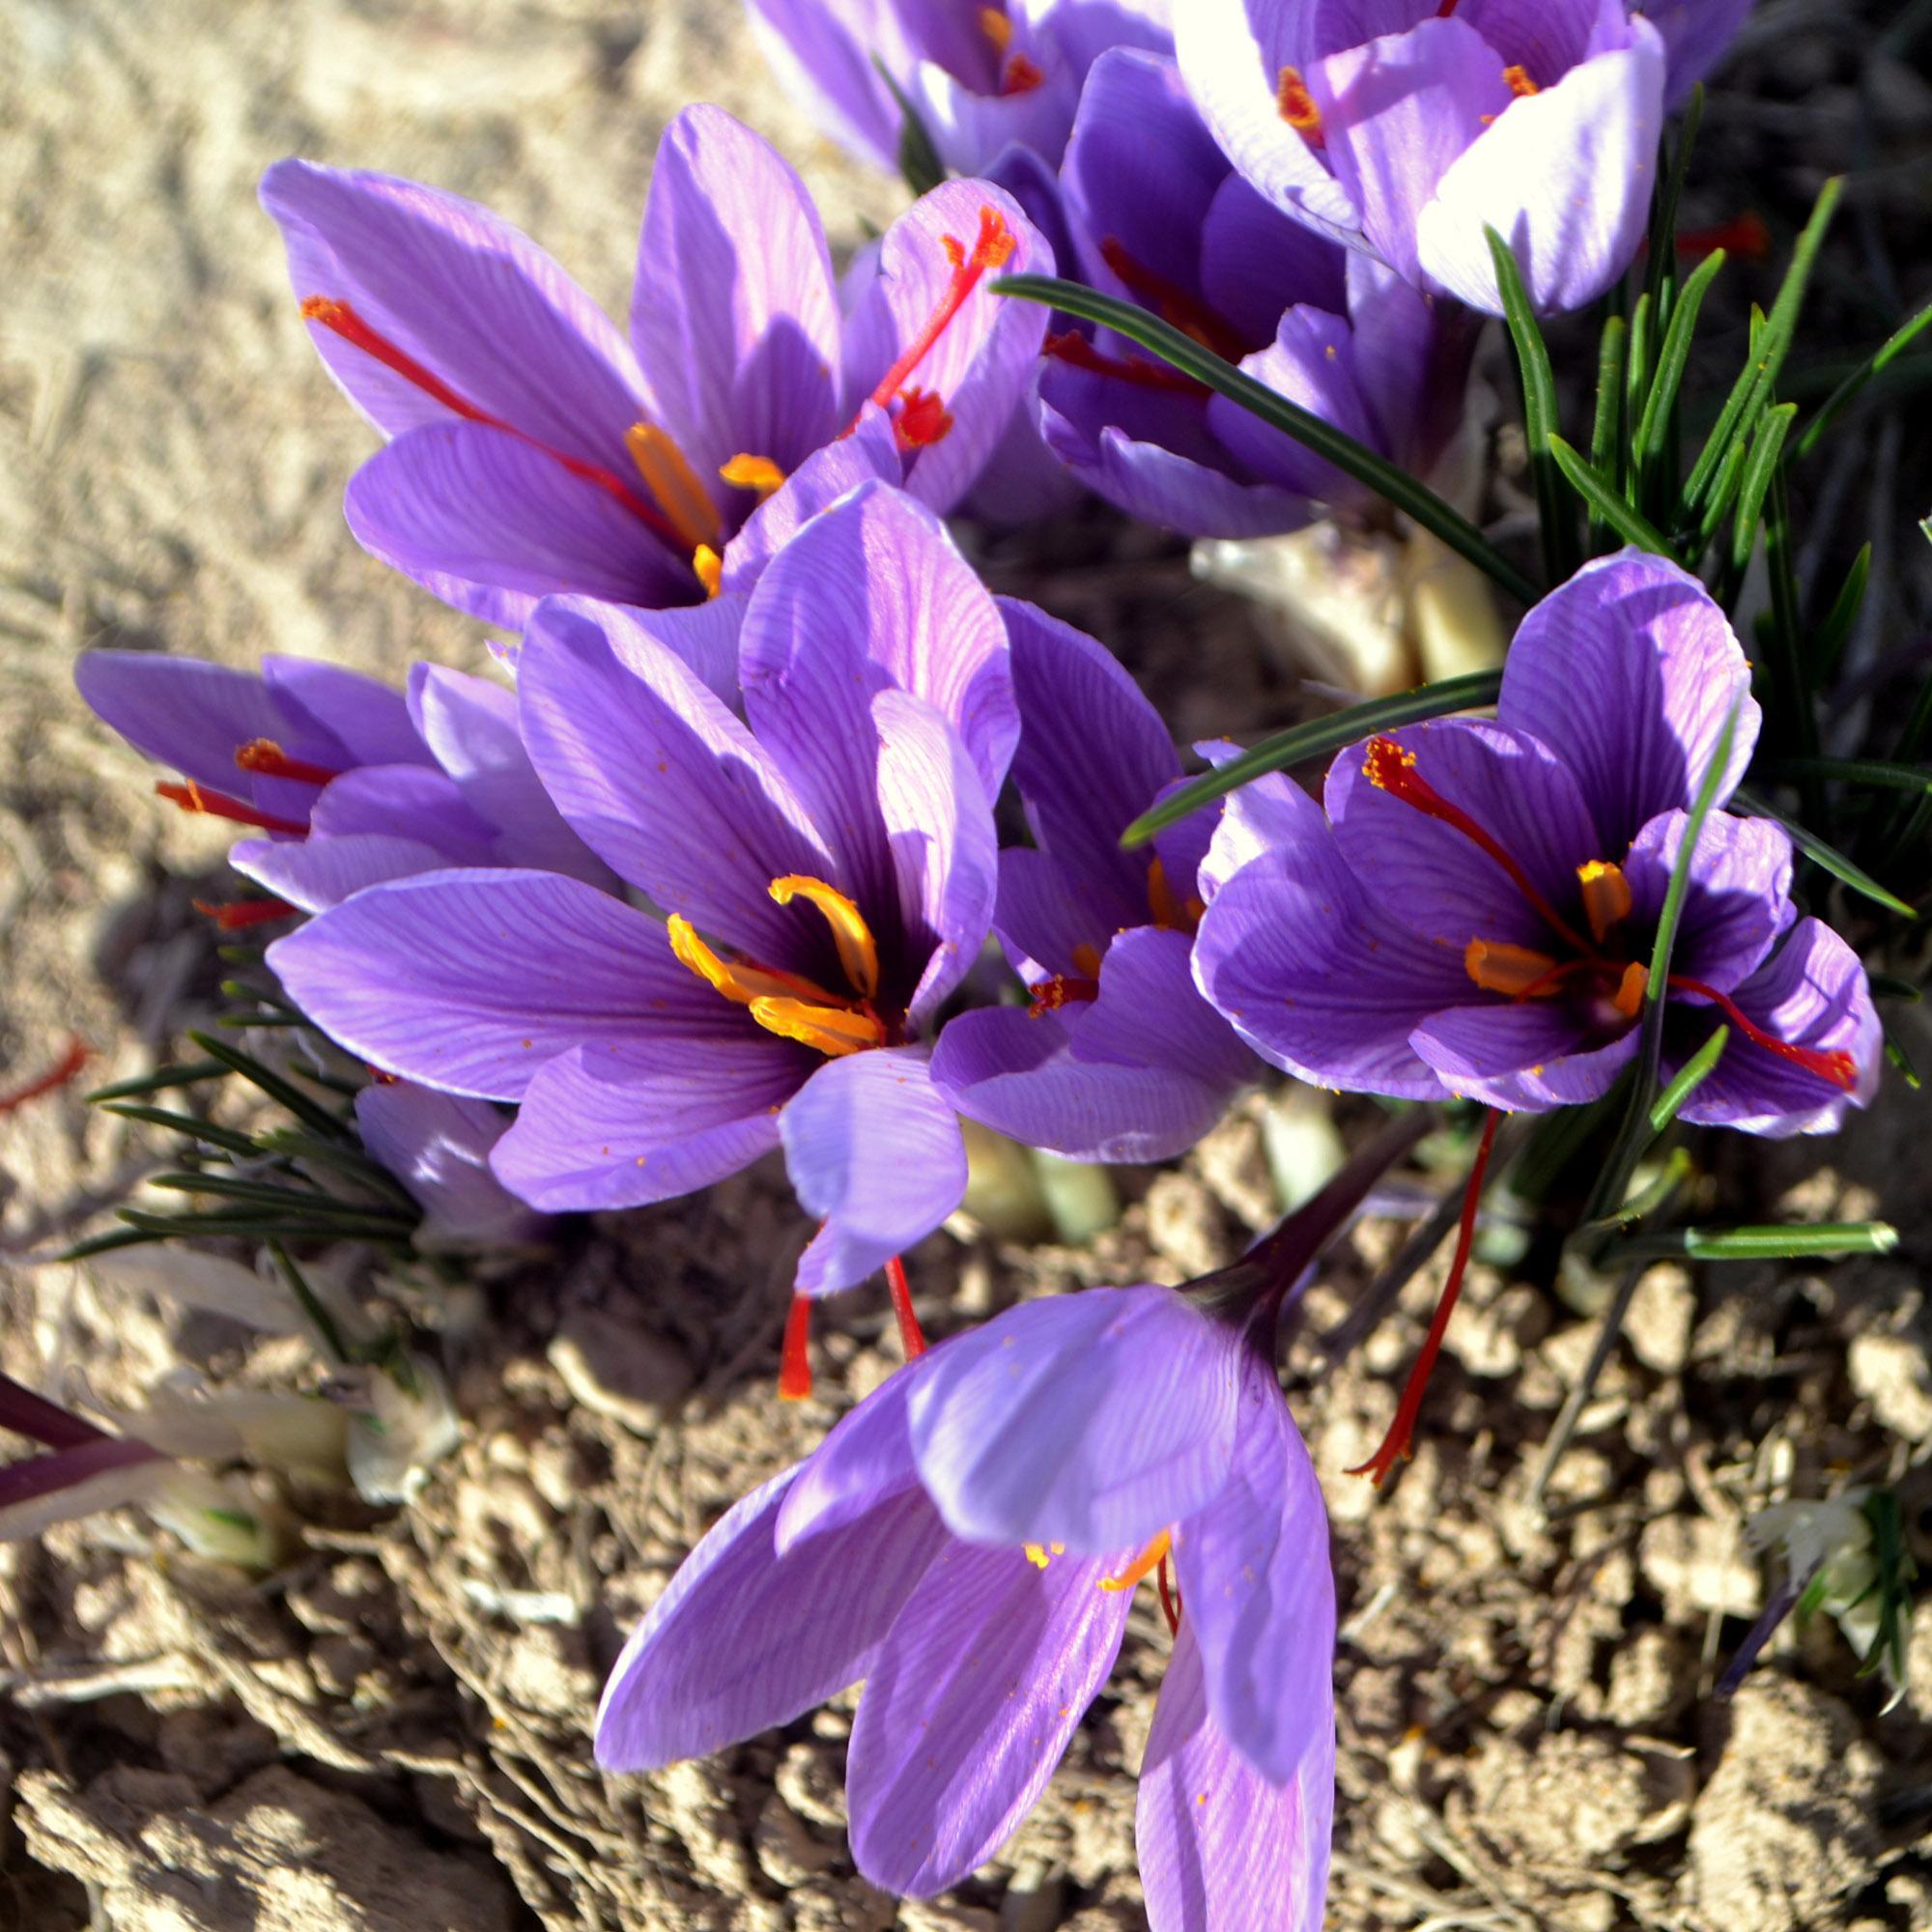 <em>Crocus sativus</em>